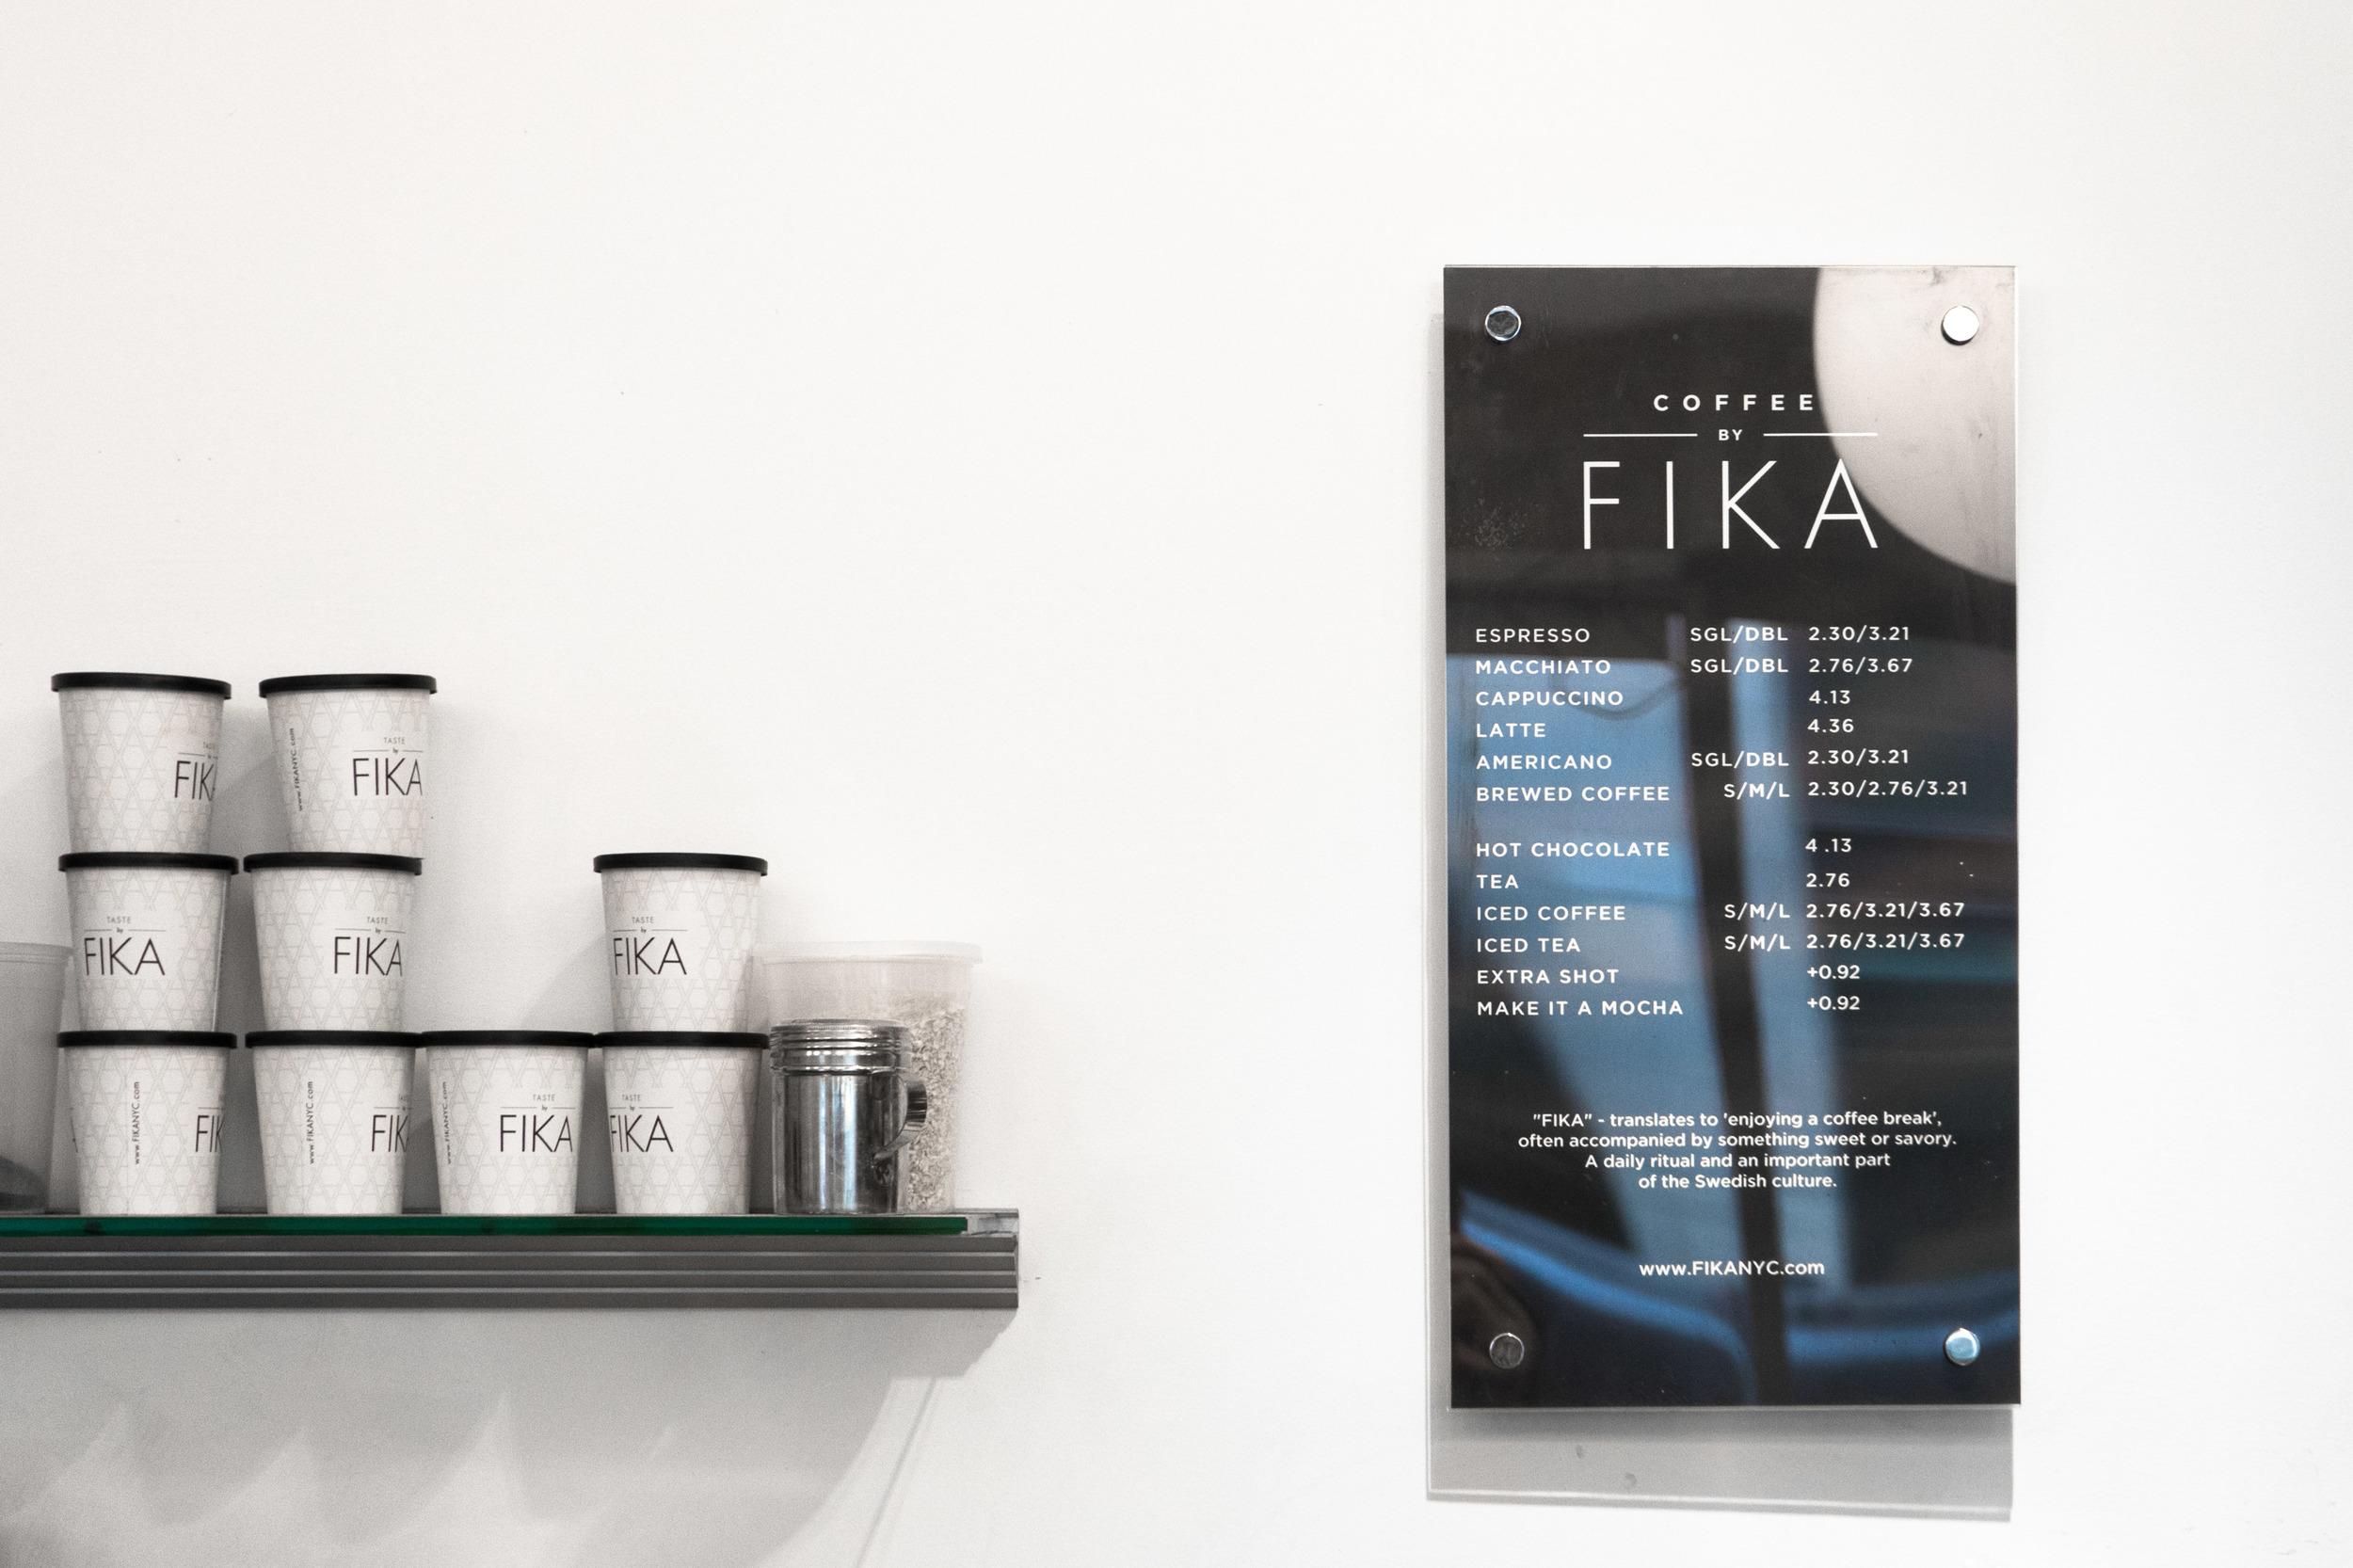 LeSycomore_coffee-shop-FIKA-esspresso-bar-3